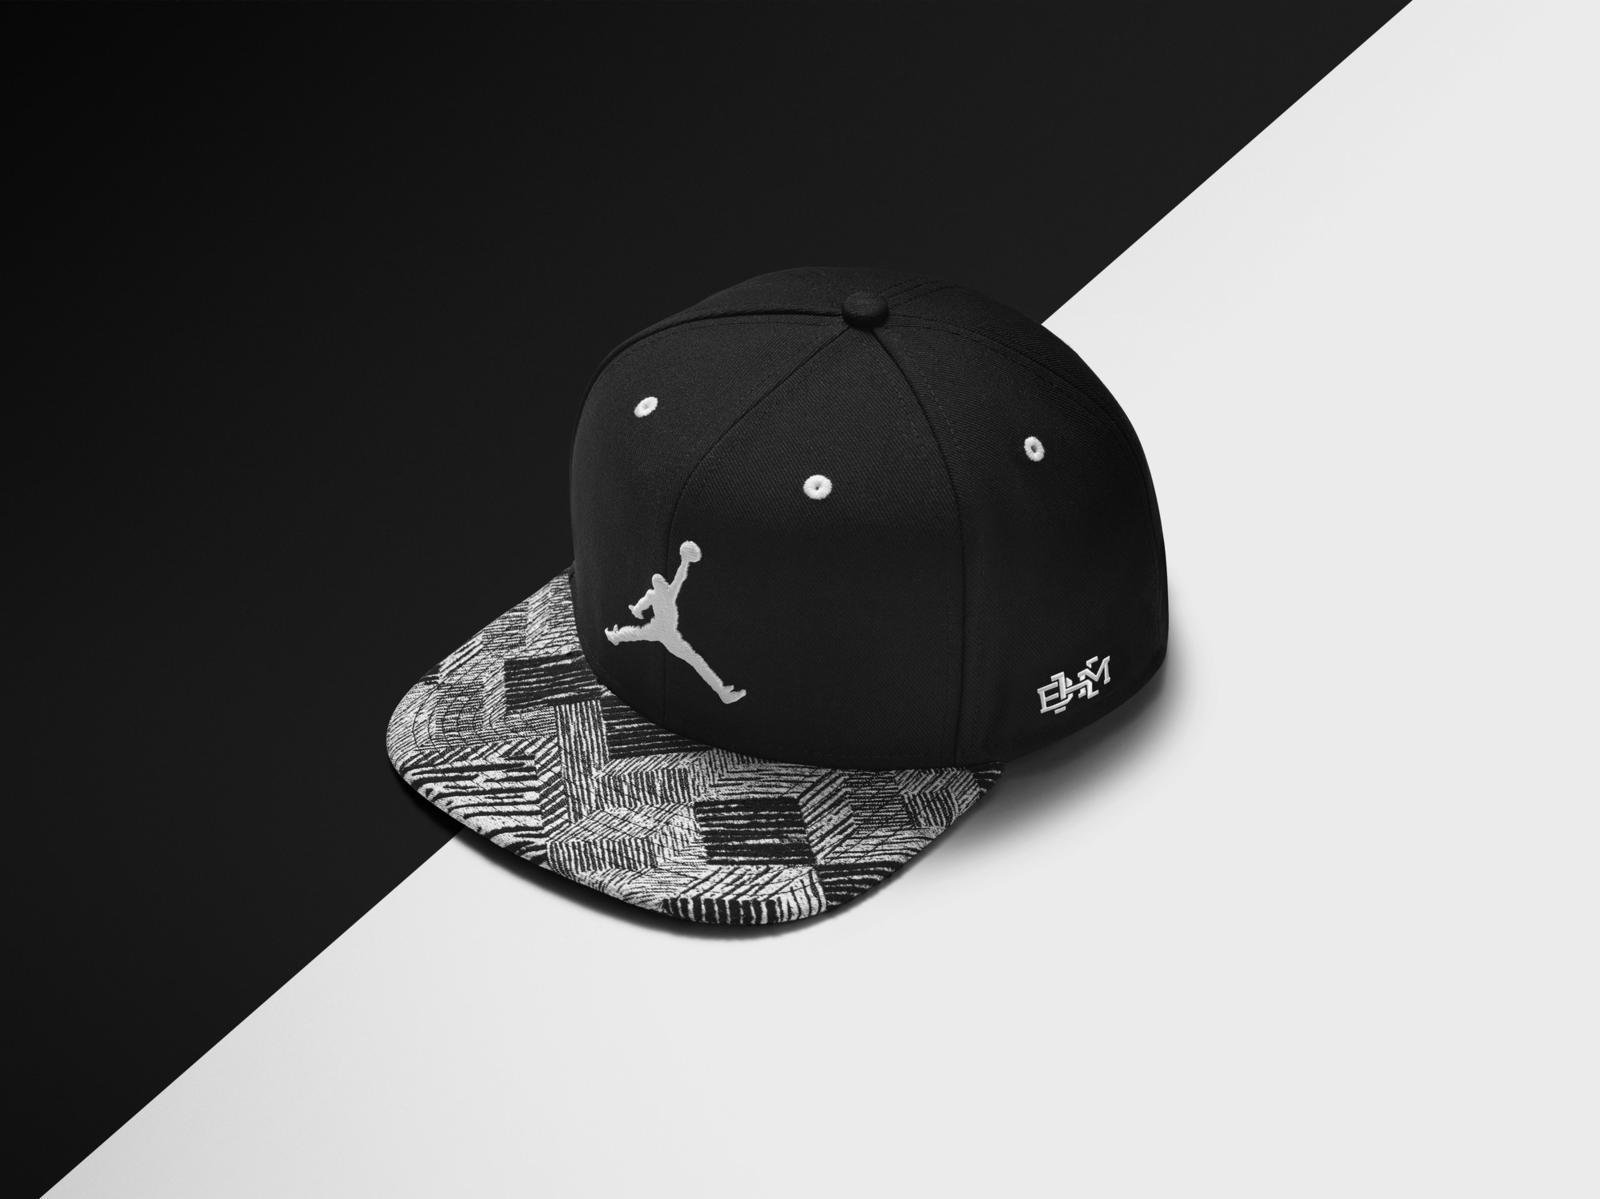 Nike_SP15_BHM_FTWR_JORDAN_HAT_Final